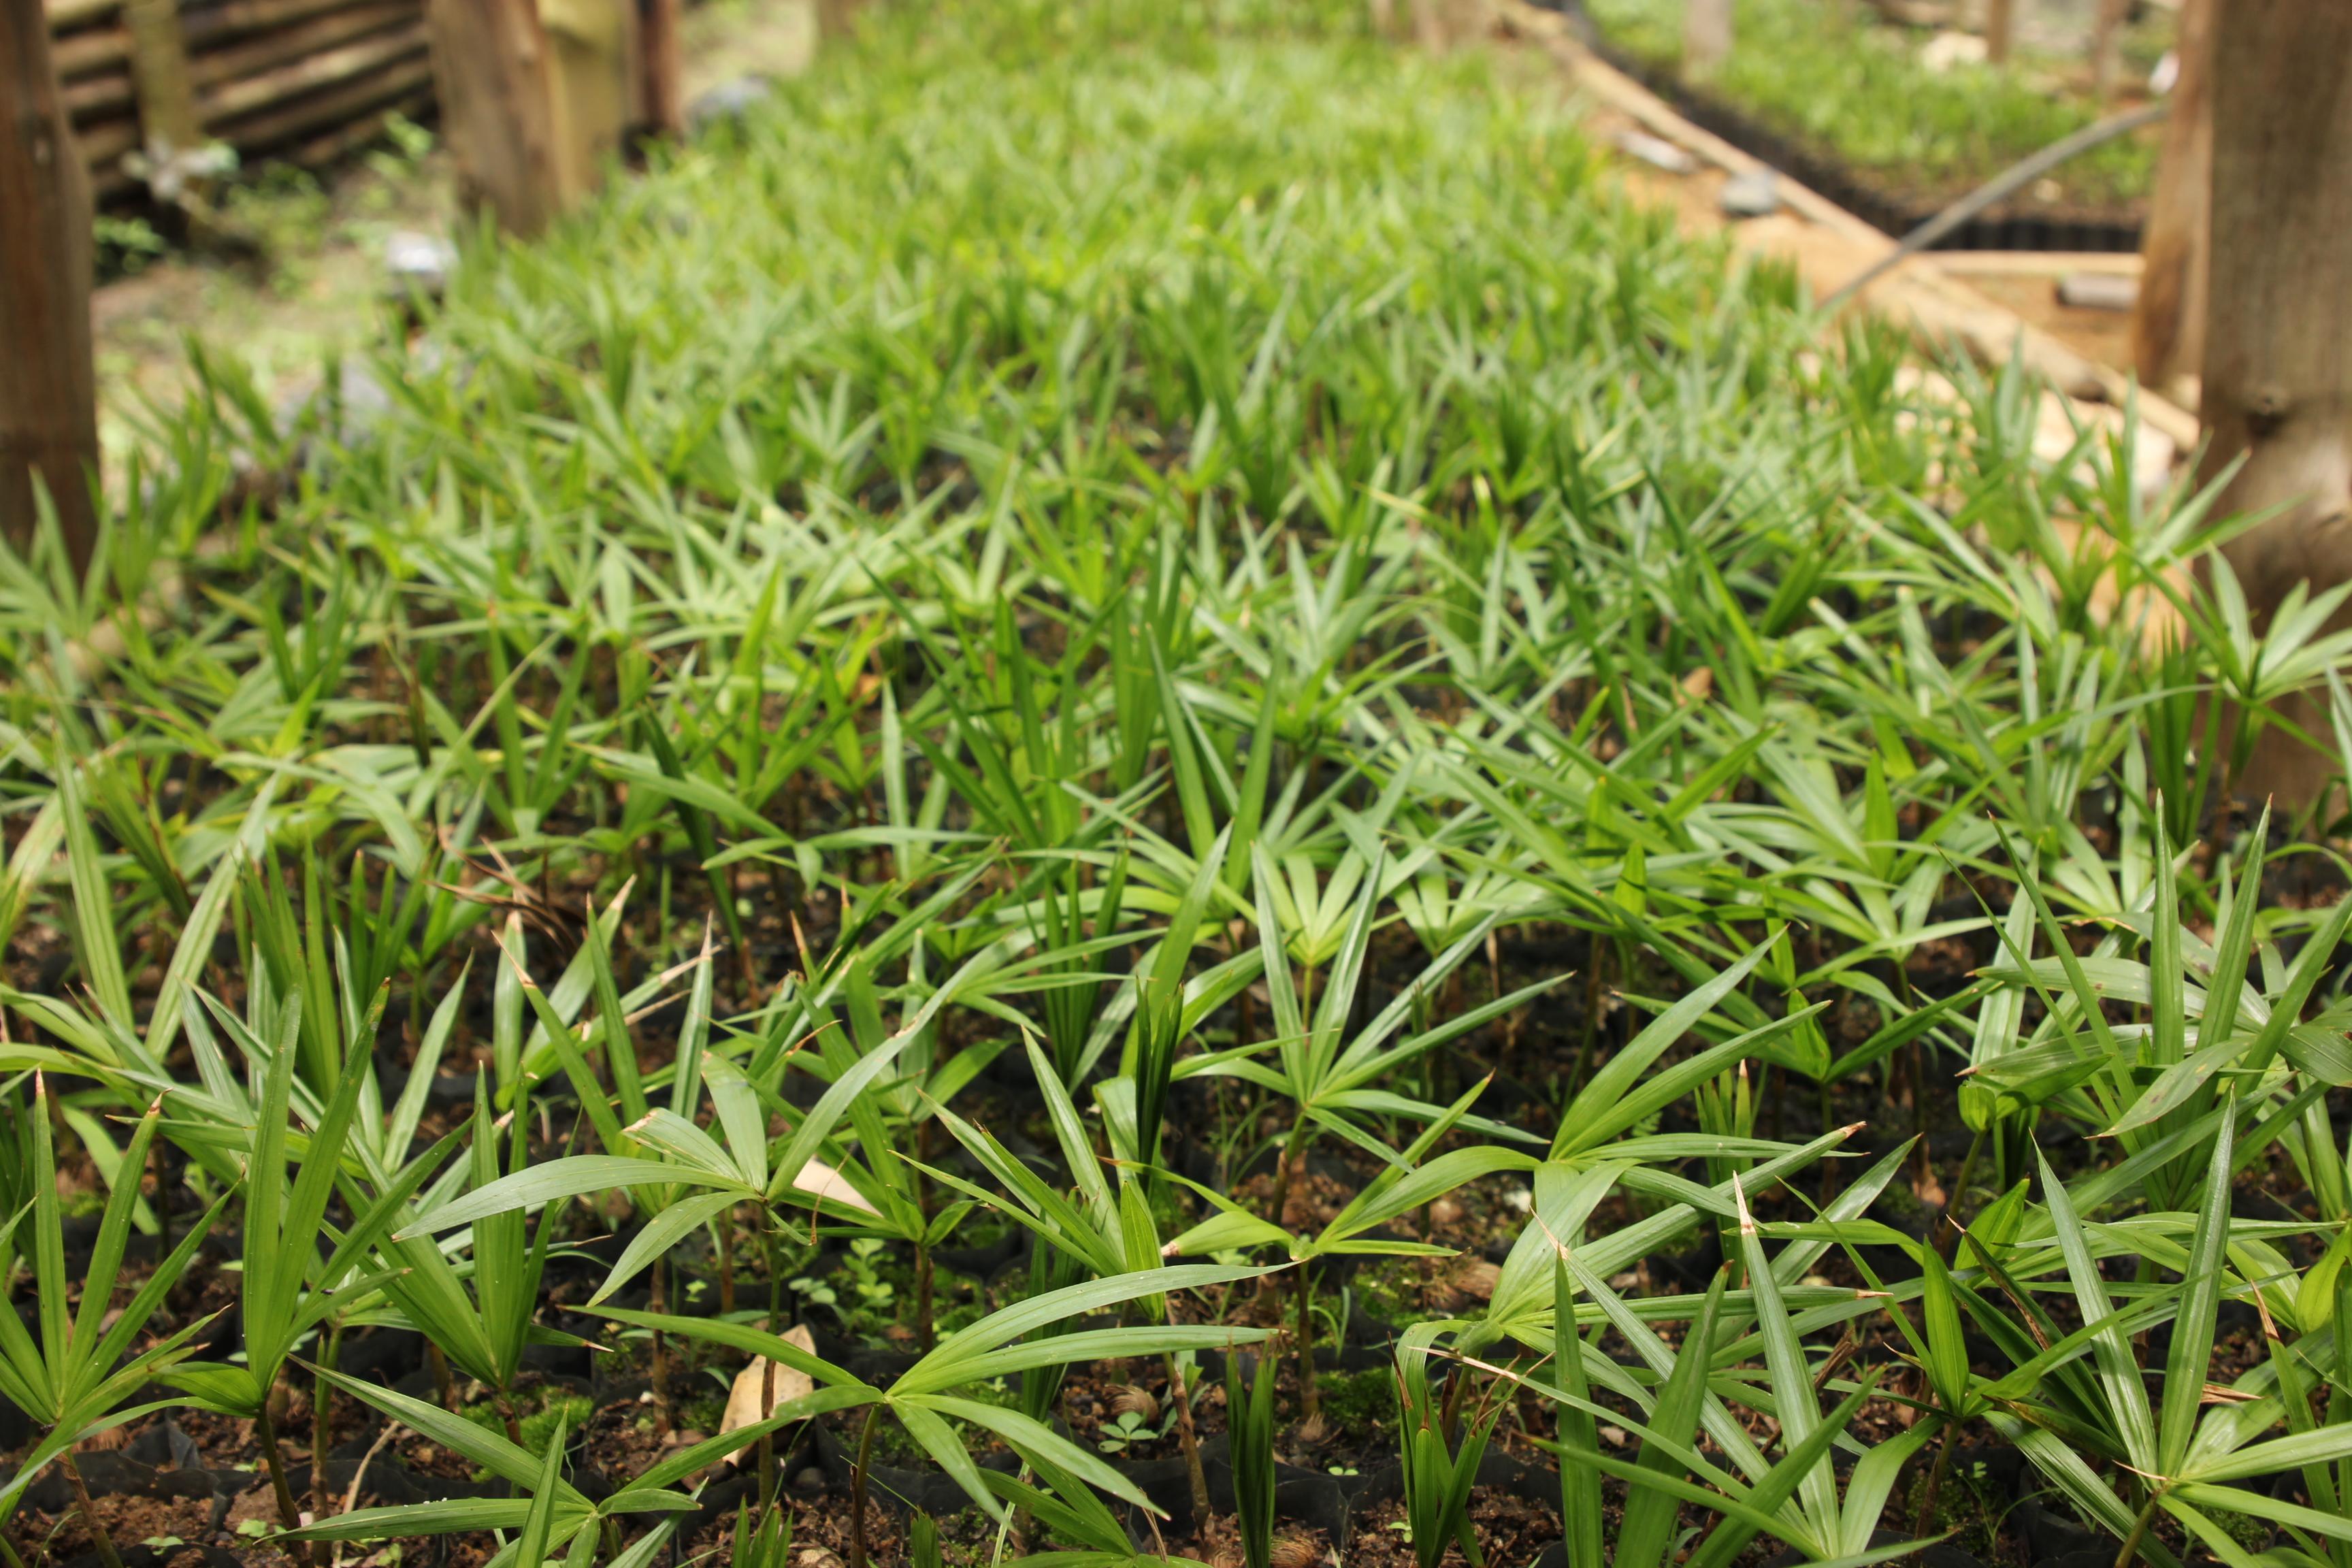 Mudas de Juçara para reflorestamento (Foto: Coletivo Catarse).